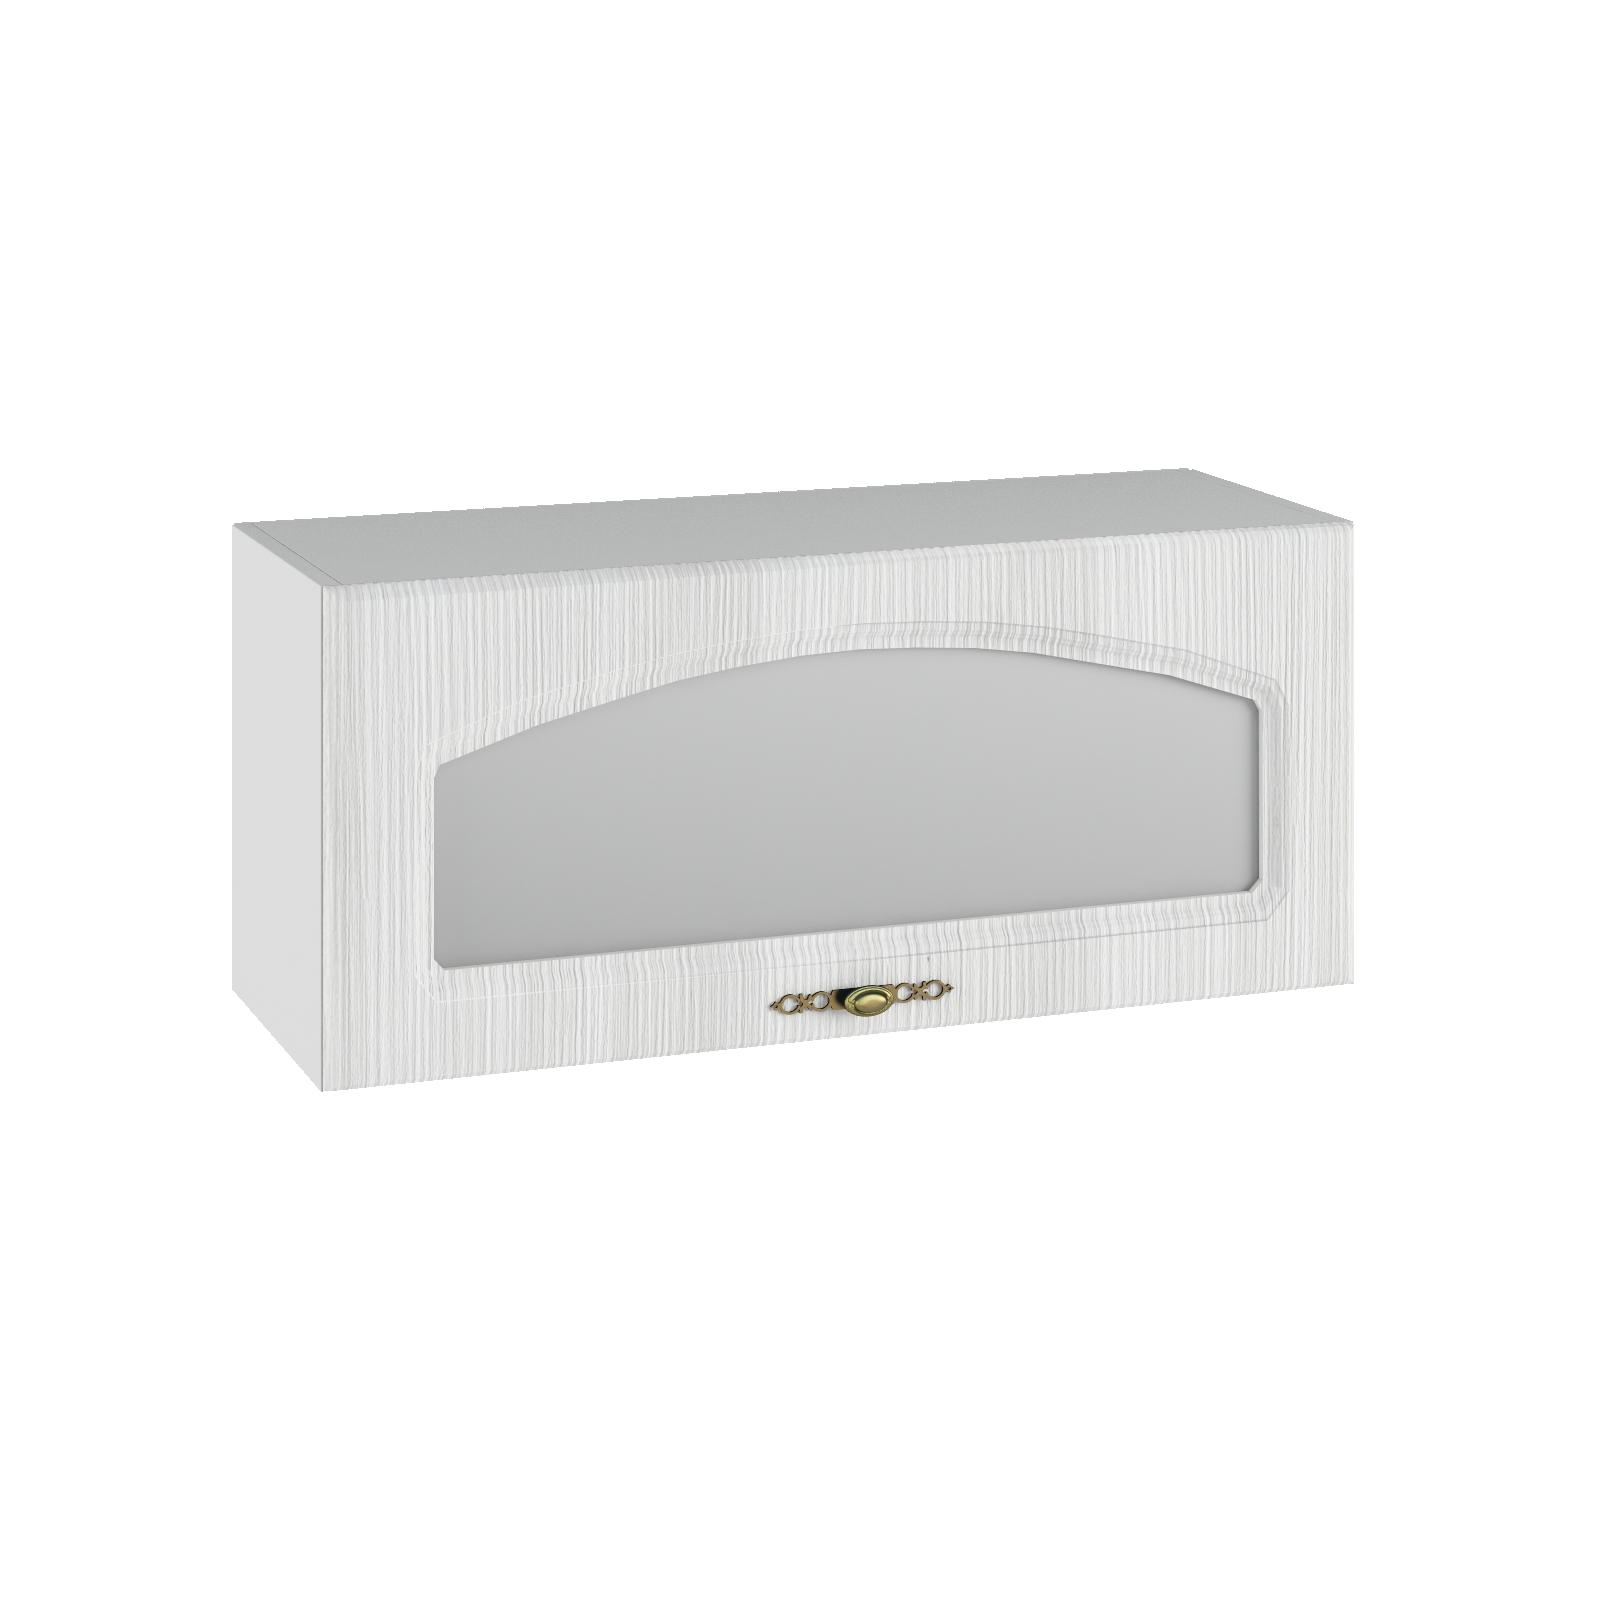 Кухня Монако ПГС 800 Шкаф верхний горизонтальный, стекло